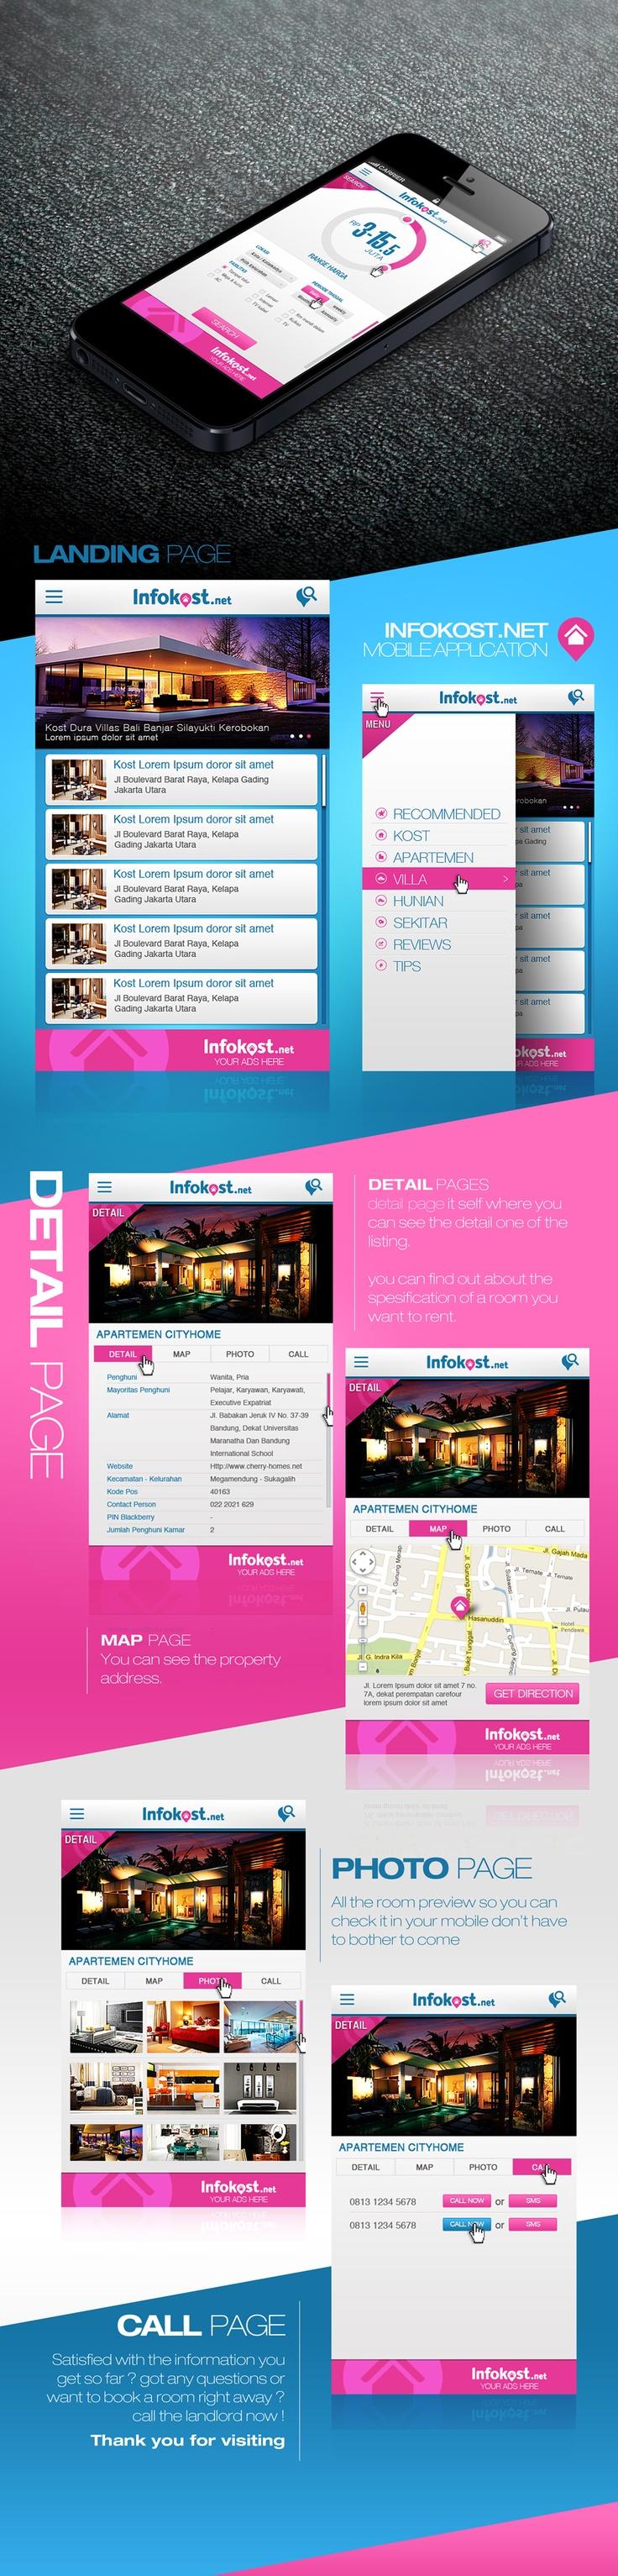 Infokost.net mobile application for all mobile phone